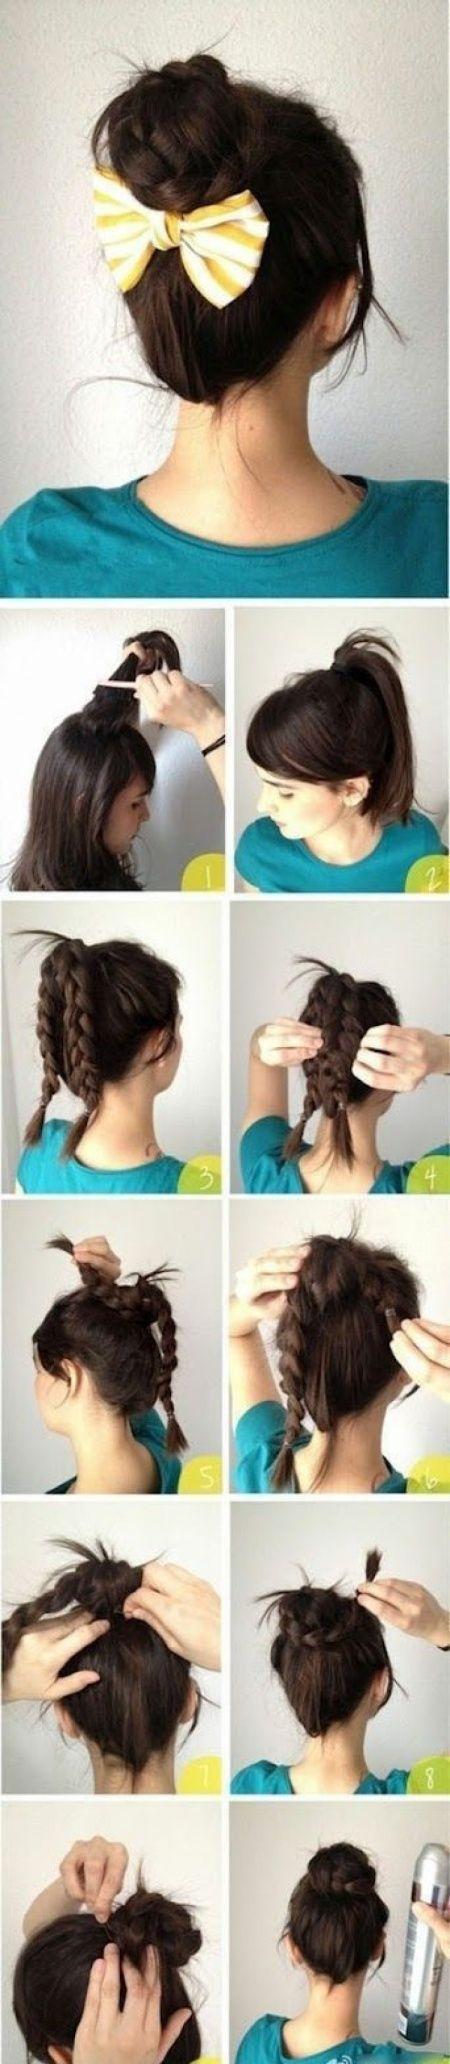 Peinados de estilo en 3 minutos